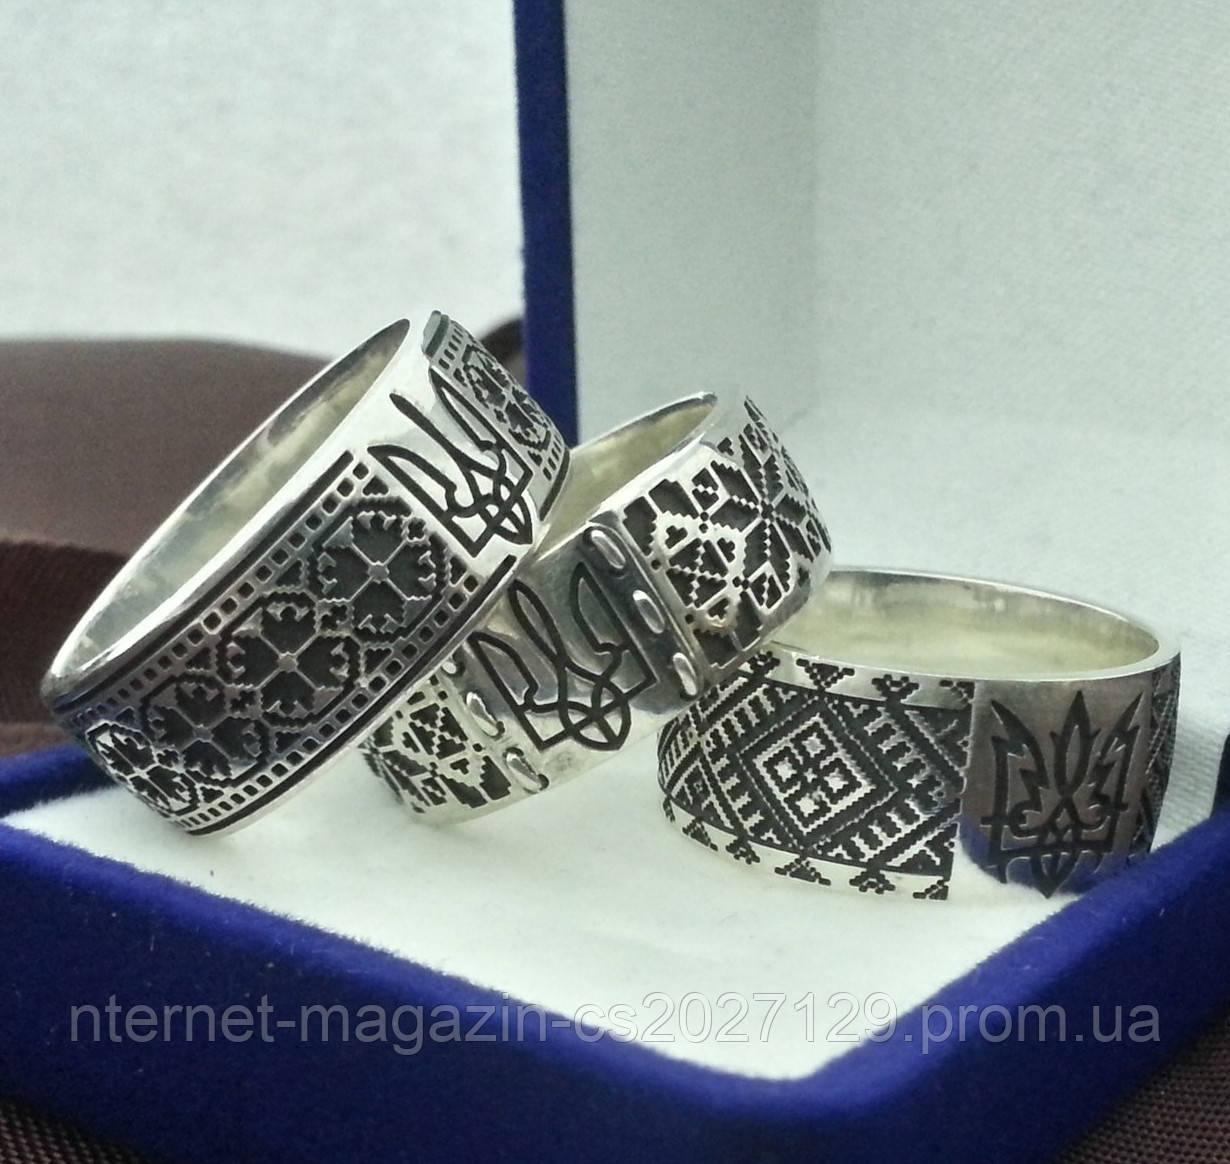 Обручальные кольца вышиванки с Гербом Украины серебро 925